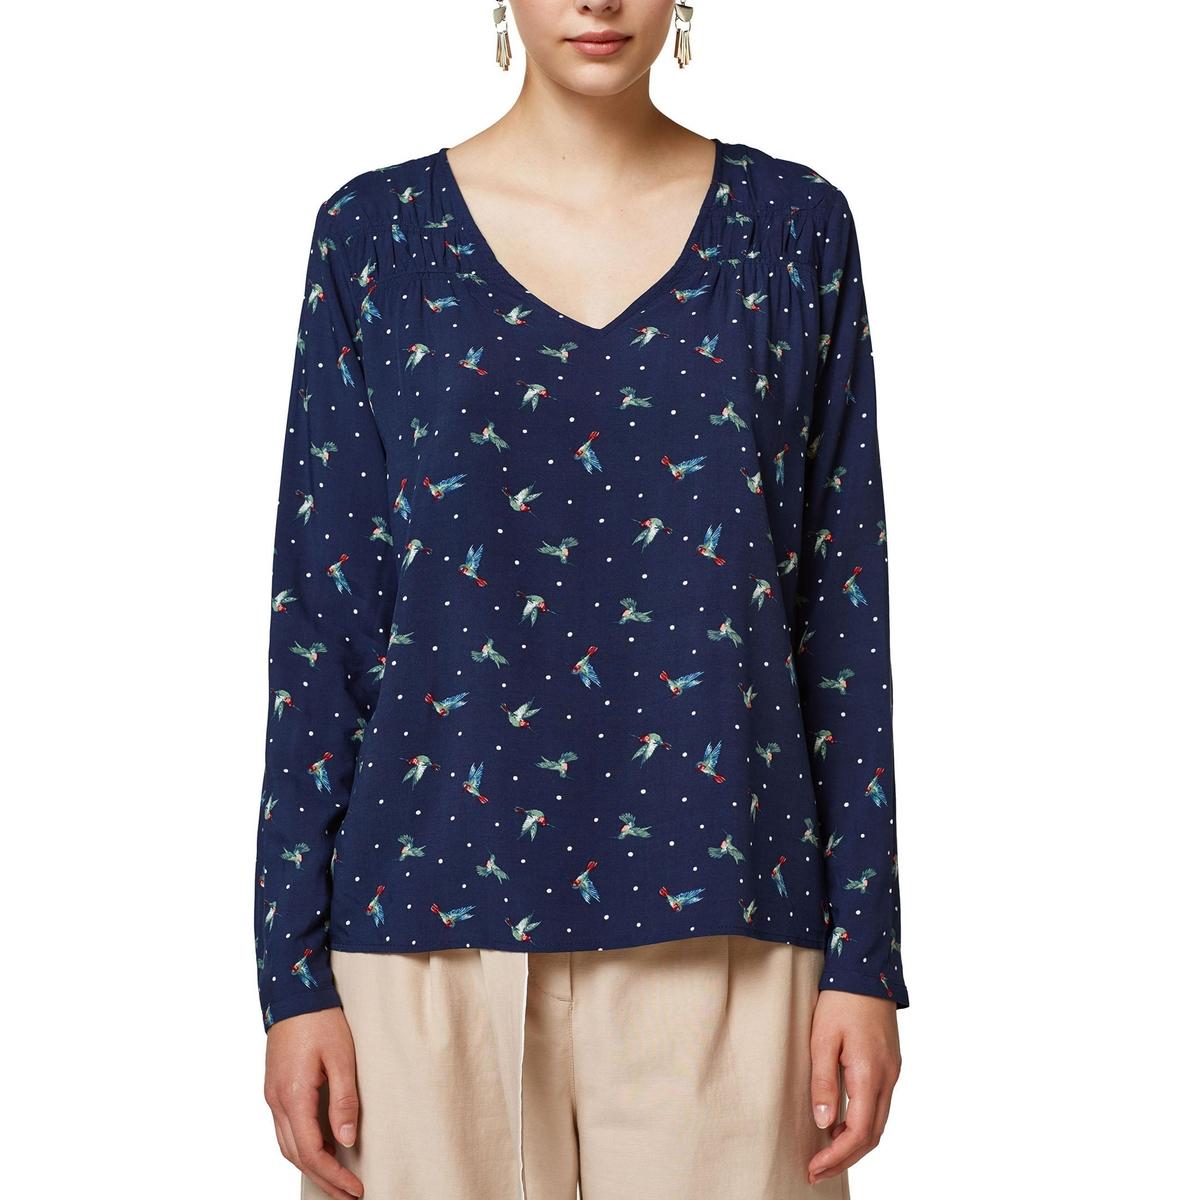 Blusa con cuello de pico estampado gráfico, manga larga